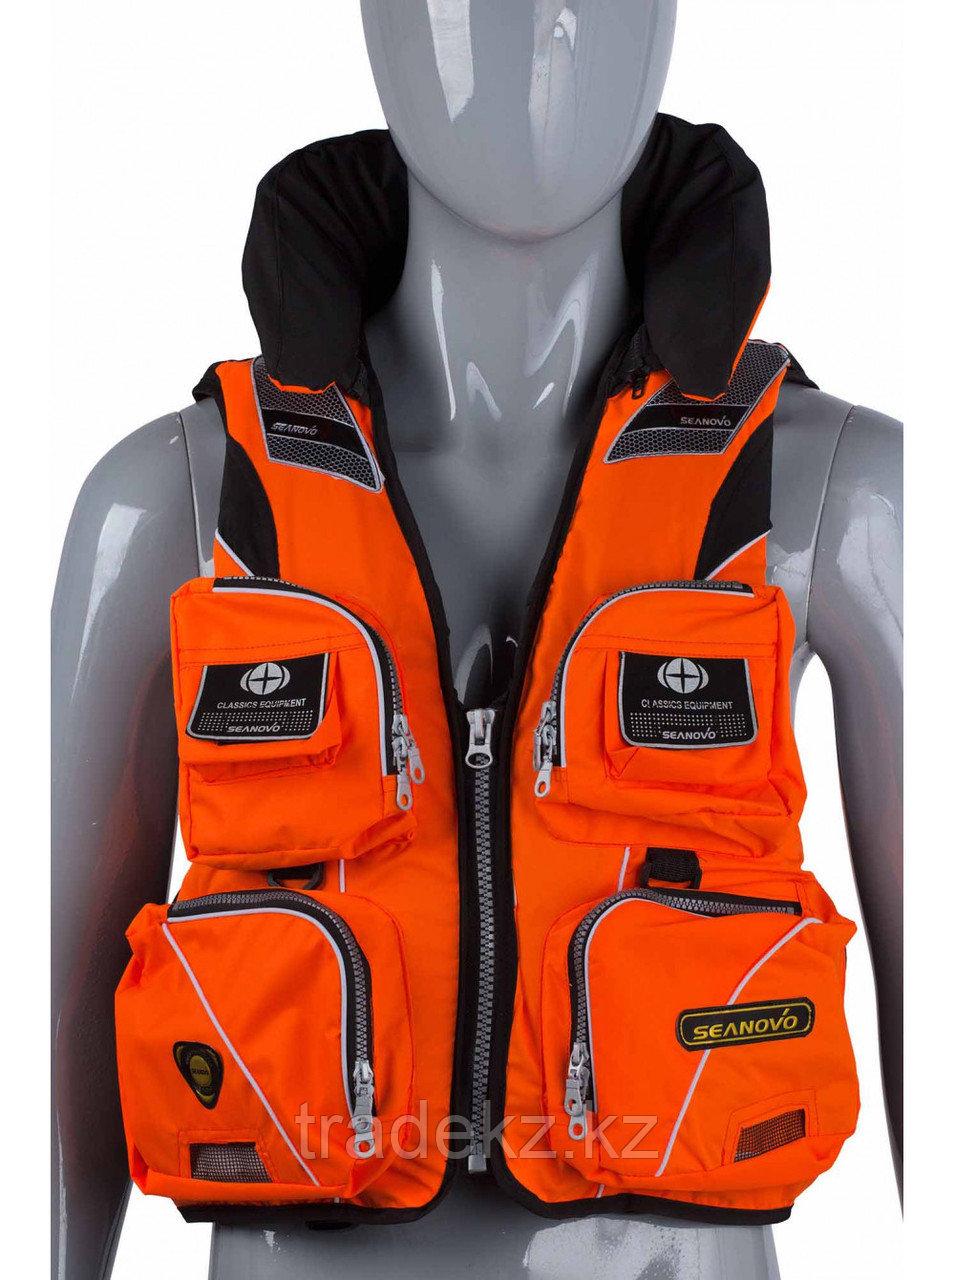 Жилет спасательный SEANOVO SJ11, оранжевый, накладные карманы, размер XXXXL (60+)